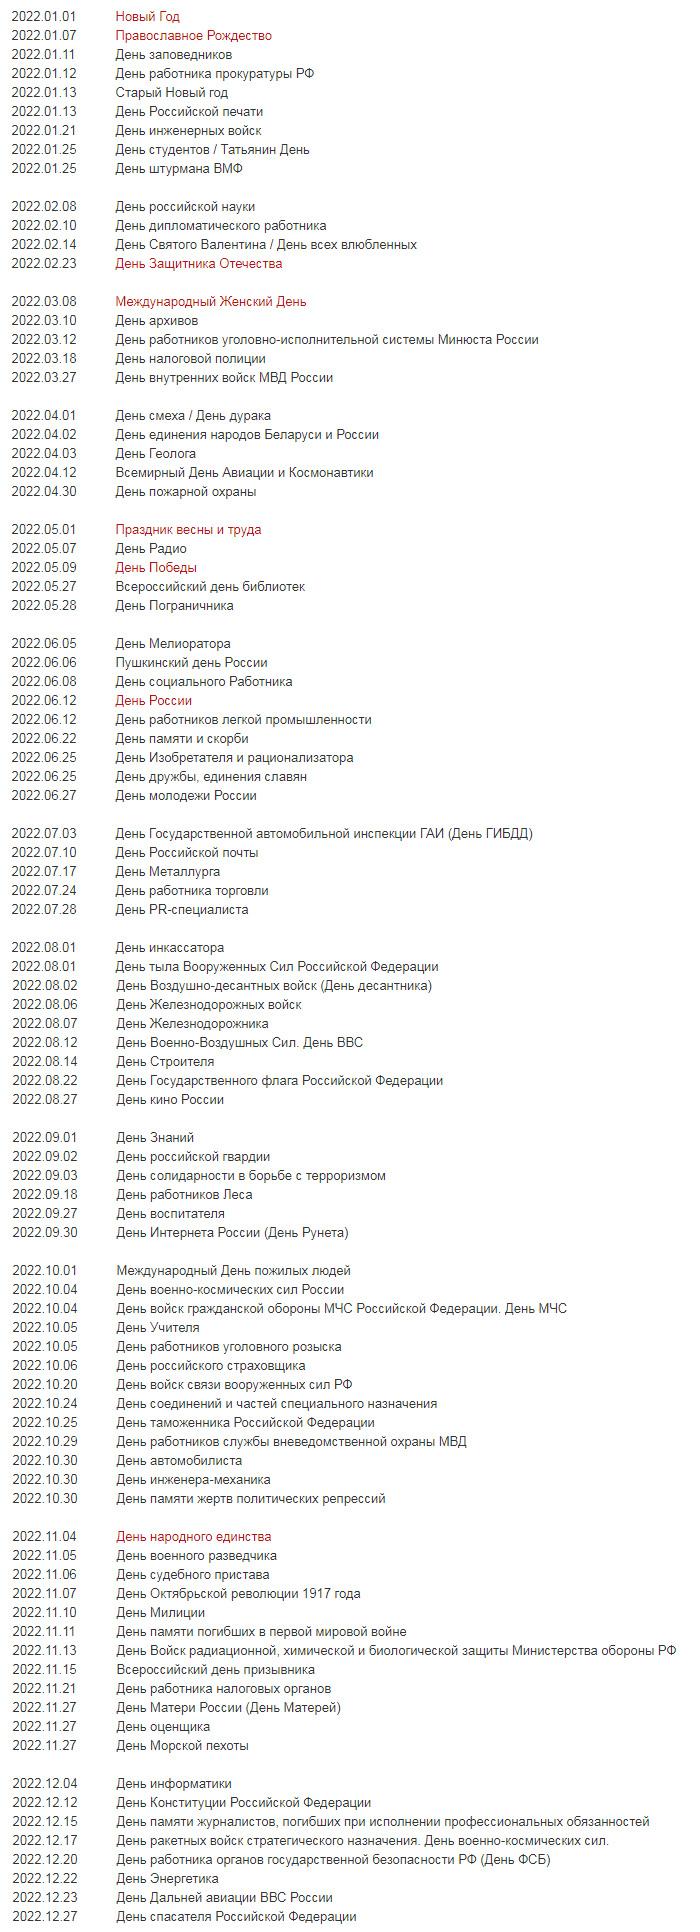 Календарь праздников на 2022 год